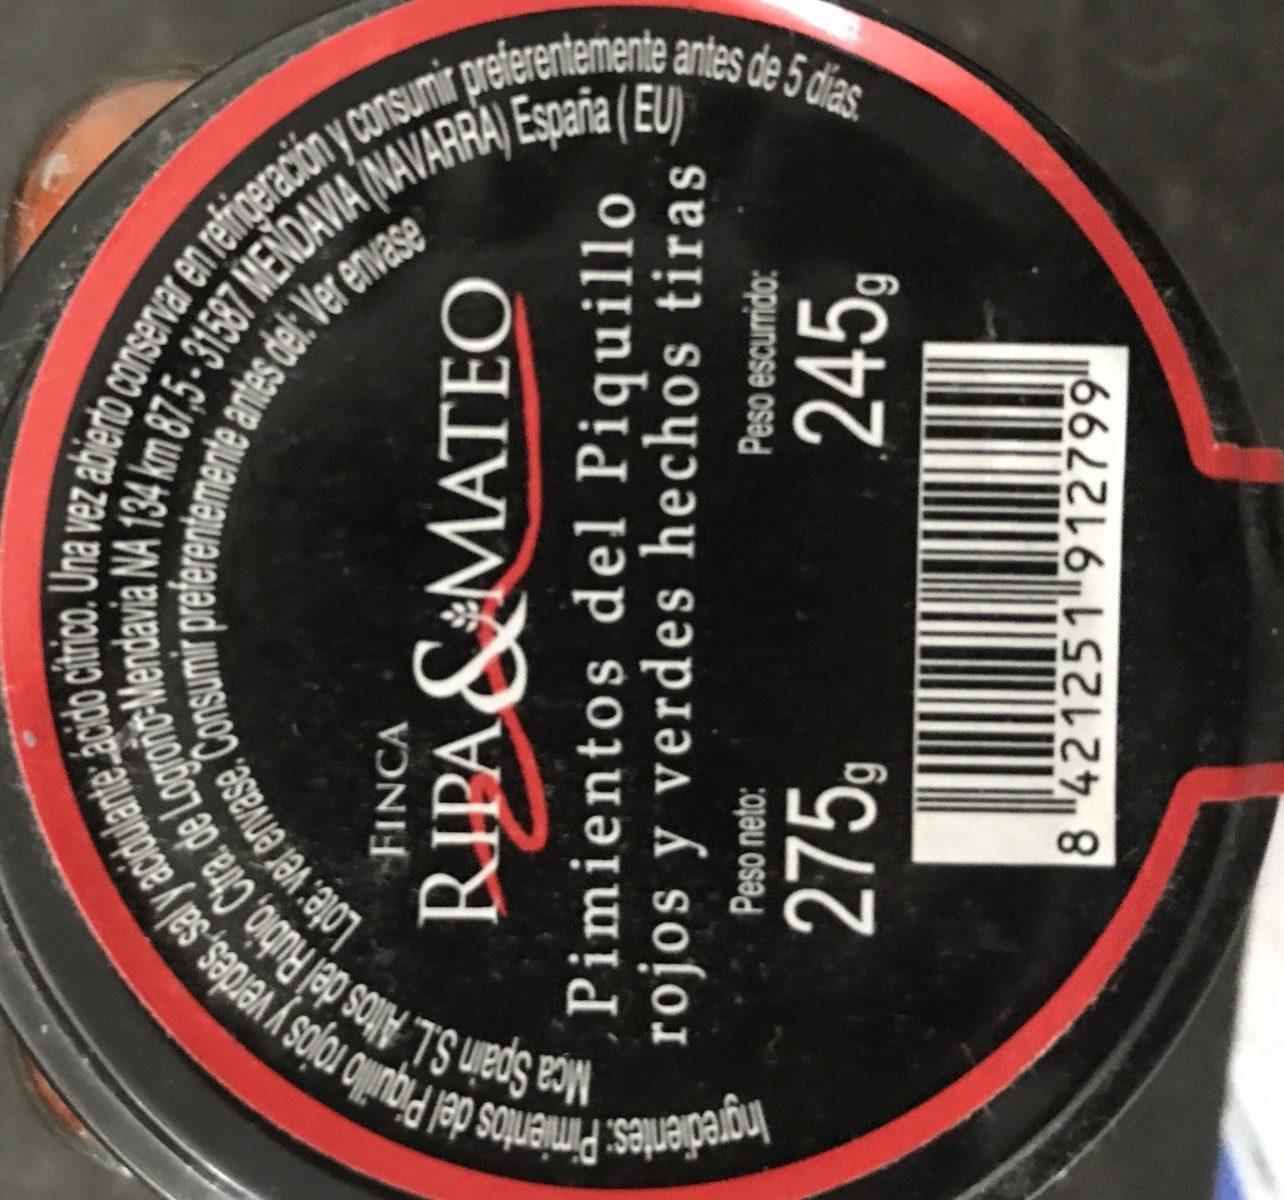 Pimientos del piquillo rojos y verdes - Ingredientes - fr